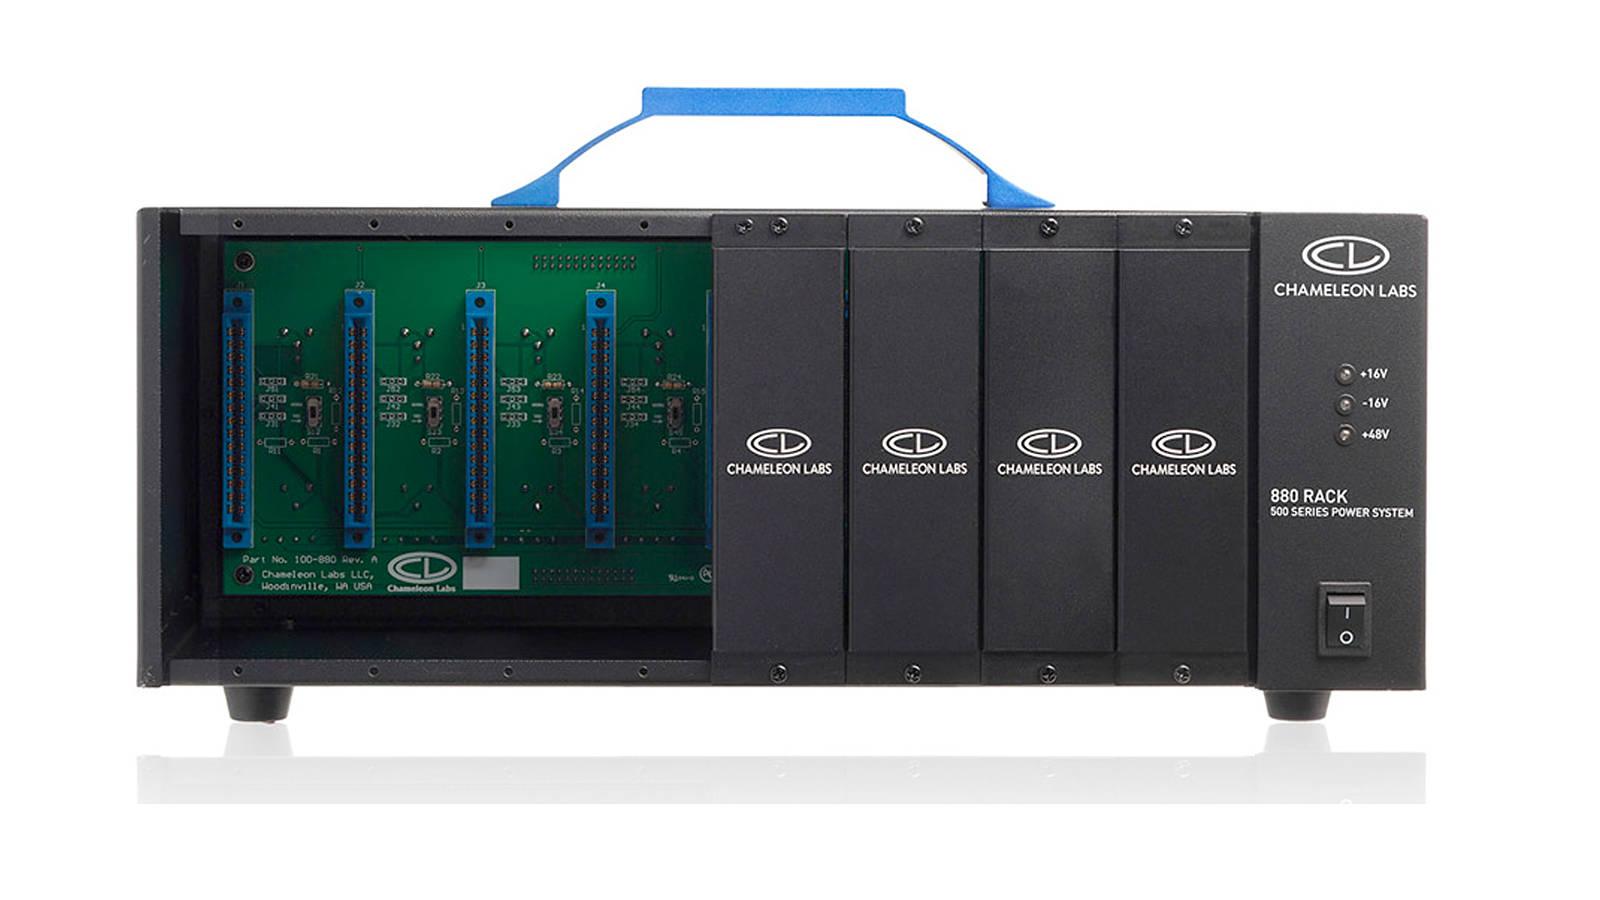 Chameleon Labs 880Rack 8-slot 500 Series Powered Rack System